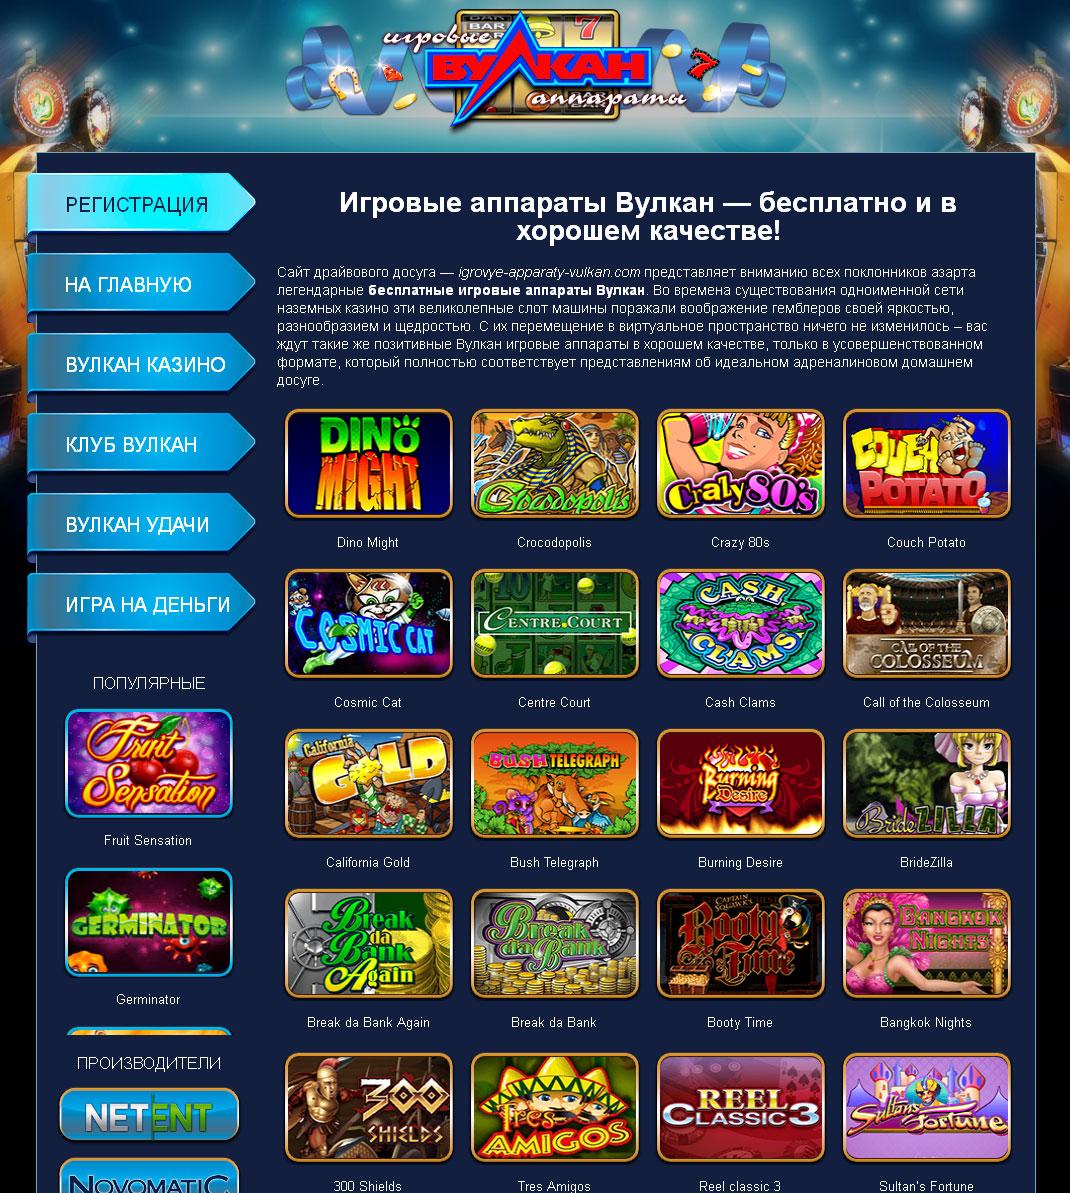 Игровые аппараты Вулкан — бесплатно и в хорошем качестве!